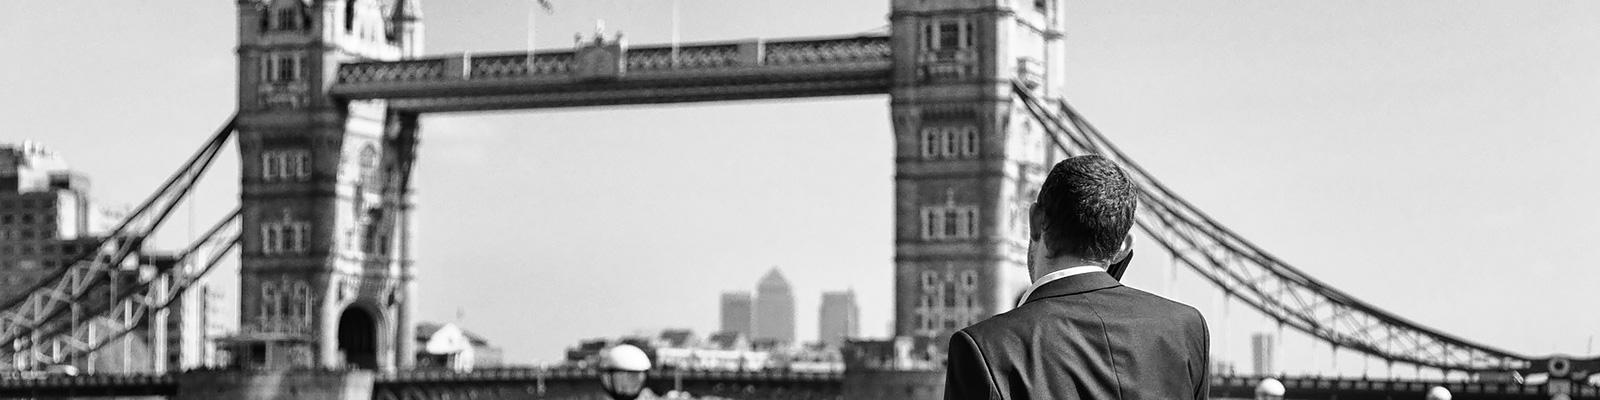 イギリス ビジネスマン 橋 イメージ